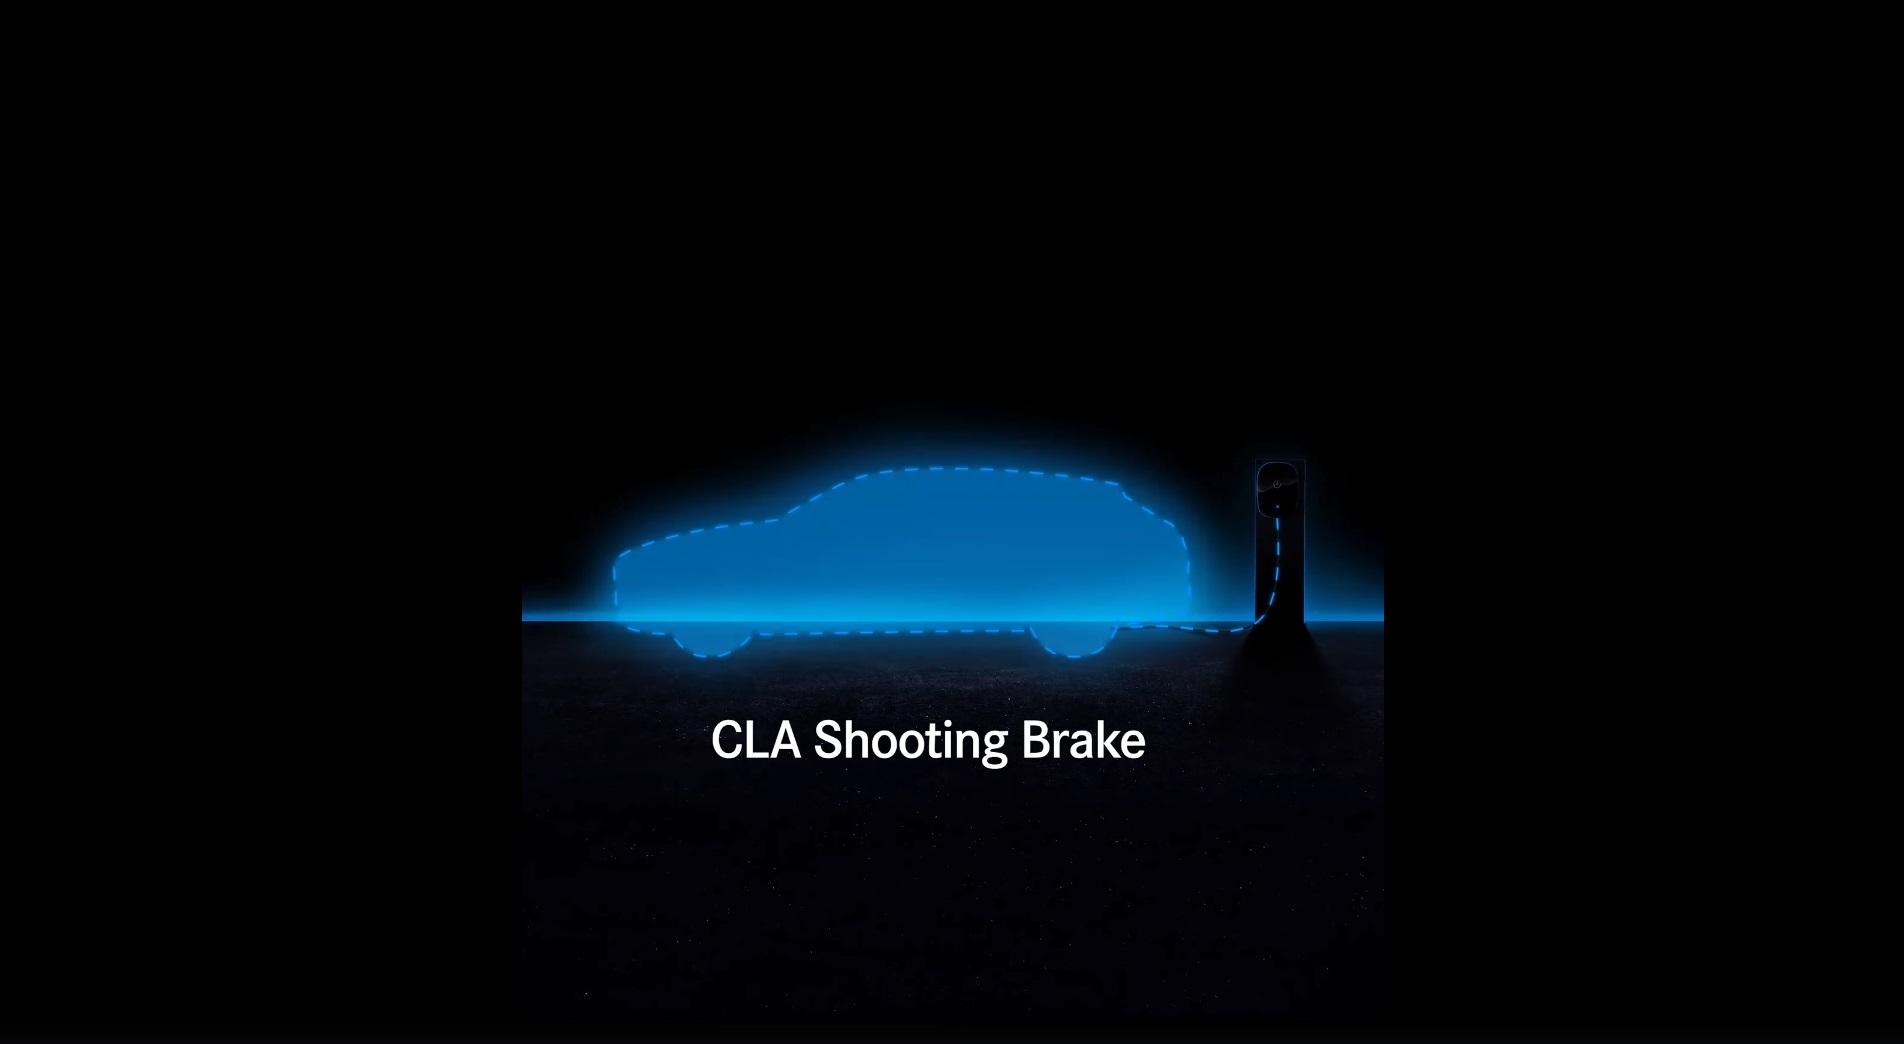 2020 Mercedes Benz Cla 250e Shooting Brake